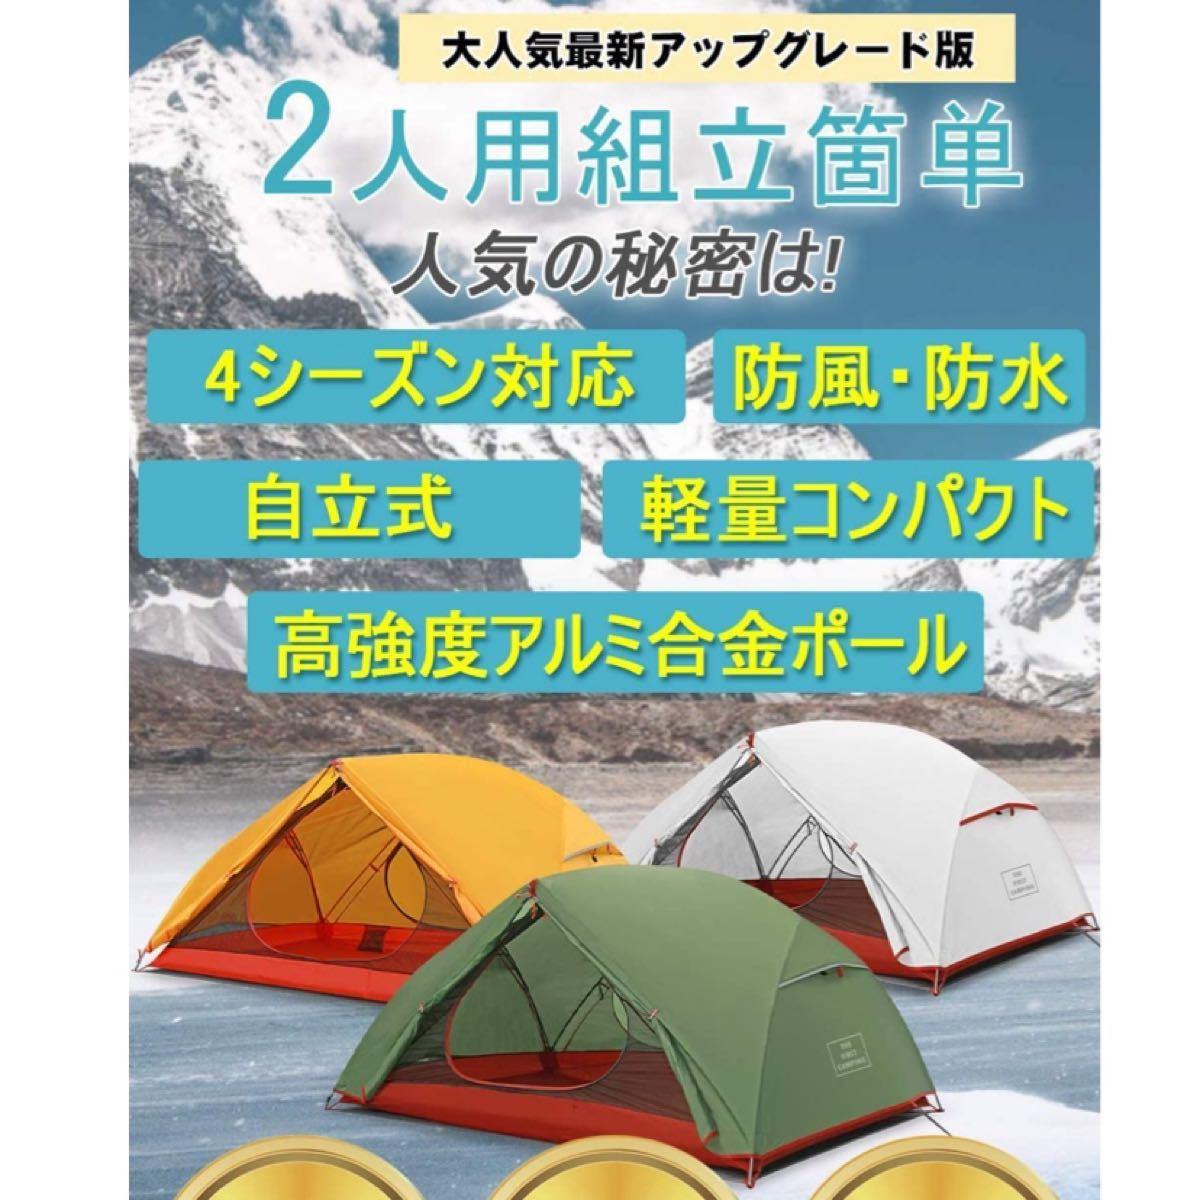 特価!! 2人用 テント オールシーズン ツーリングドーム 超軽量 テント 登山